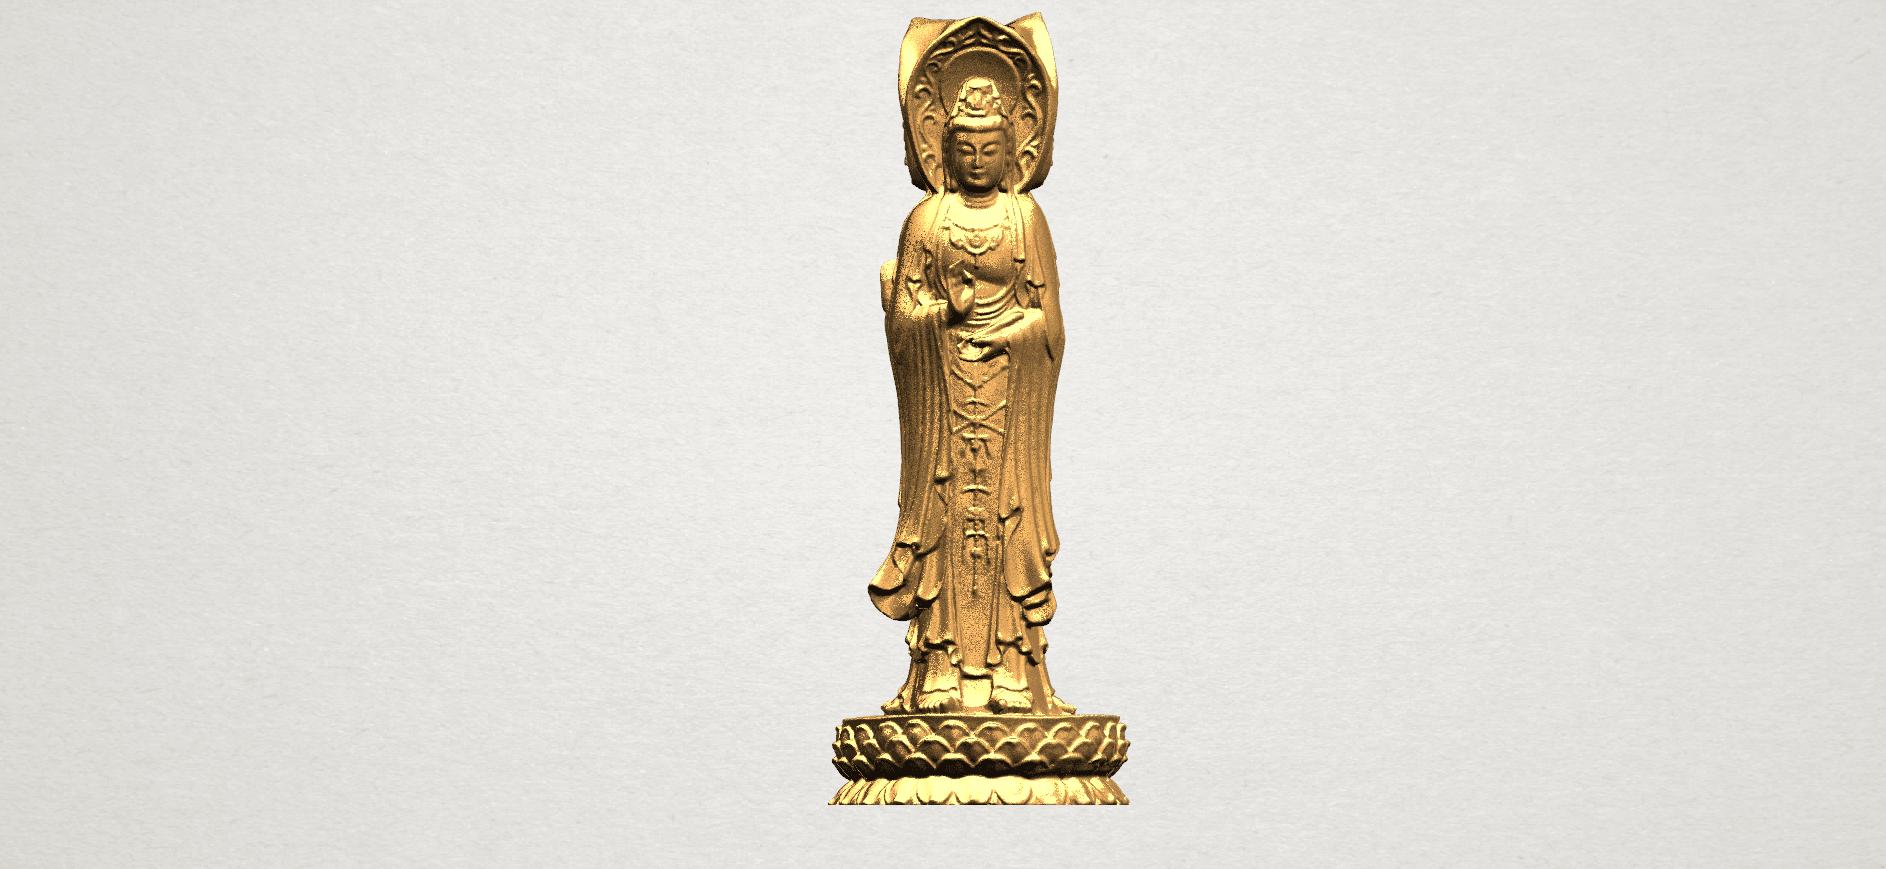 Avalokitesvara Buddha (with Lotus Leave) (i) A04.png Download free STL file Avalokitesvara Buddha (with Lotus Leave) 01 • 3D printable model, GeorgesNikkei